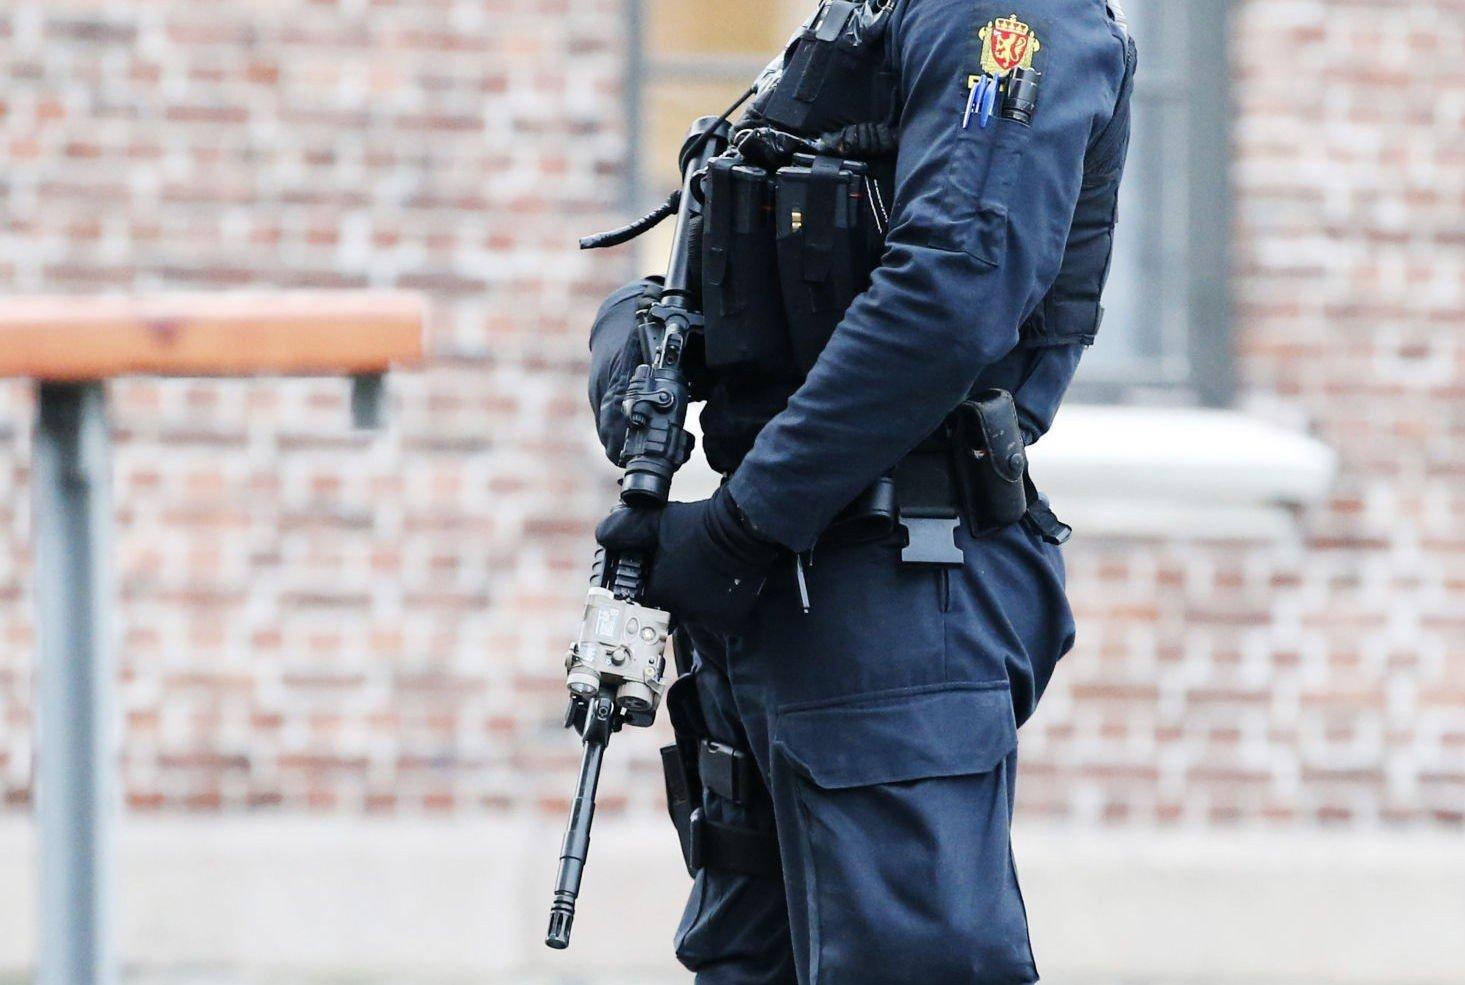 Det går mot mer bevæpning av norsk politi, ifølge kilder.